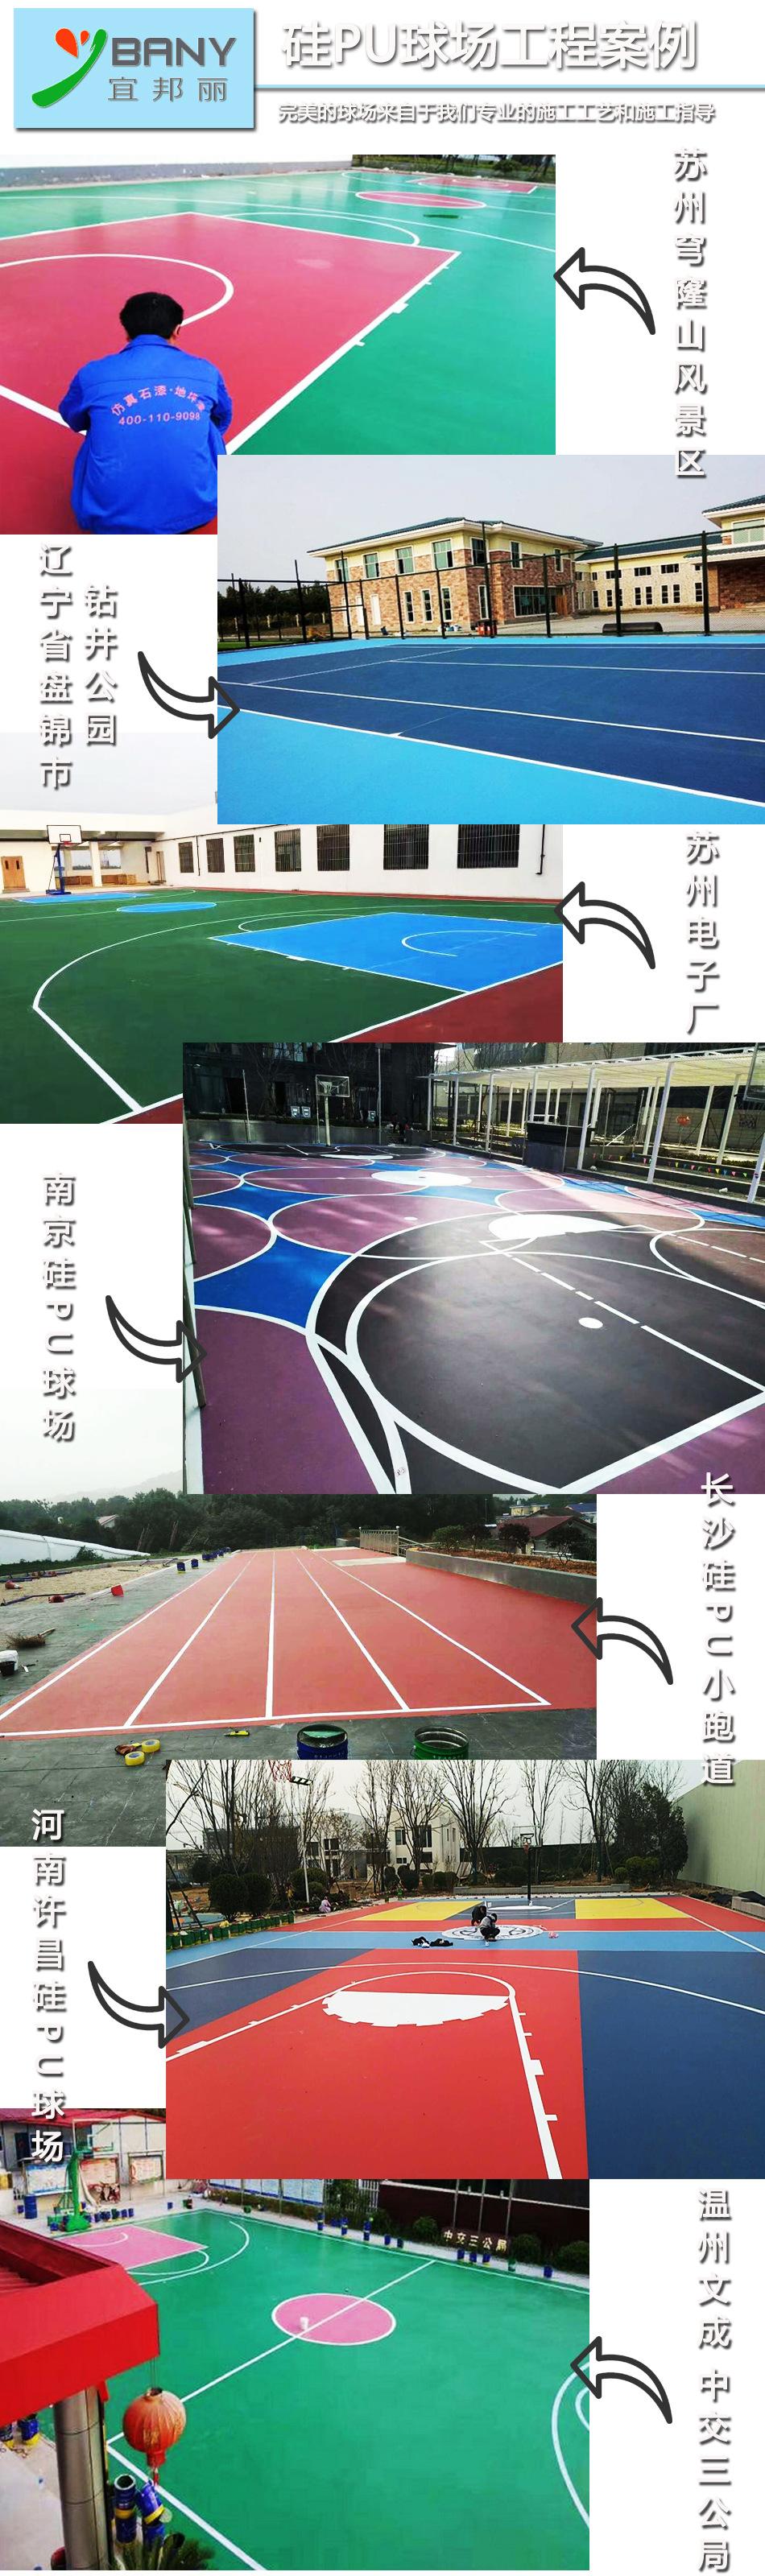 上海新國標塑膠硅PU球場材料生產廠家水性環保硅PU面漆面涂層直銷示例圖3